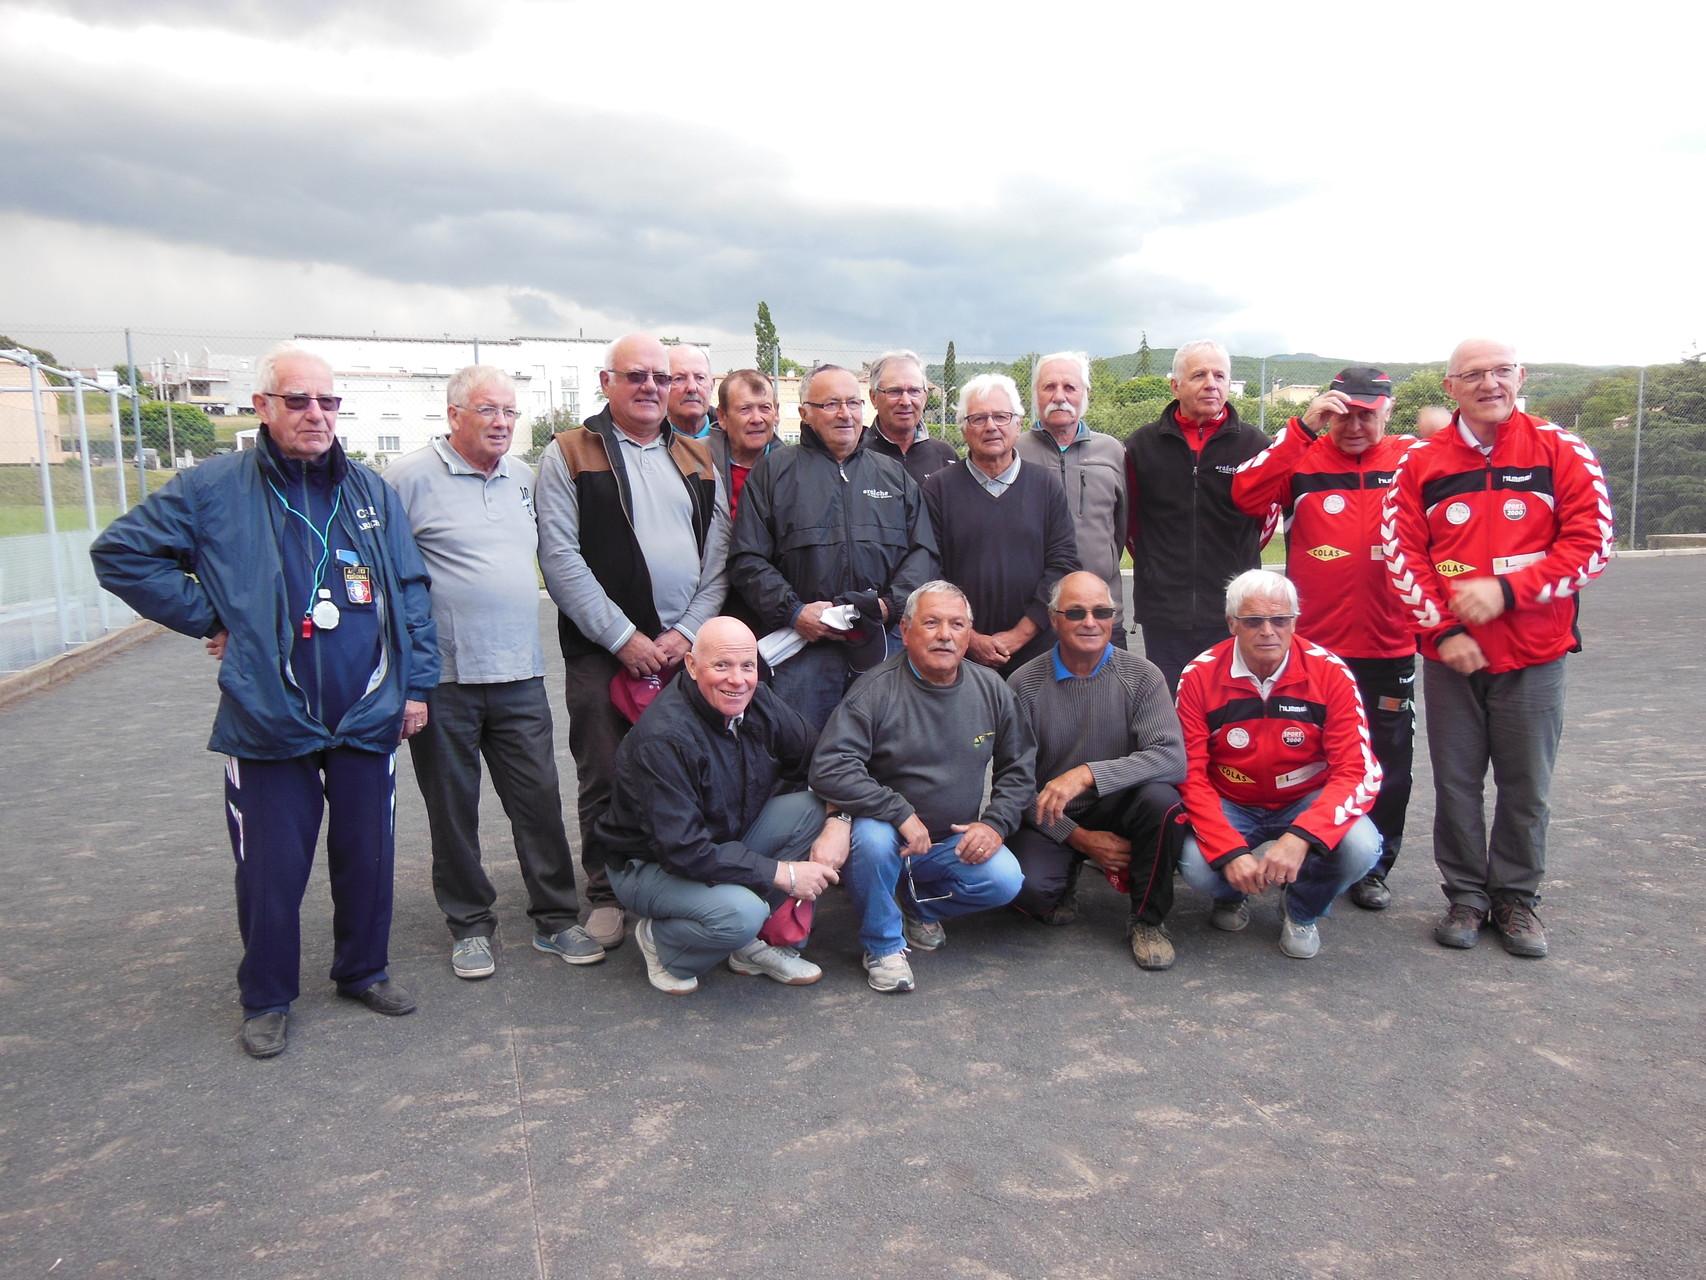 Les équipes qualifiées pour le fédéral à Talencieux le 3 juin 2015